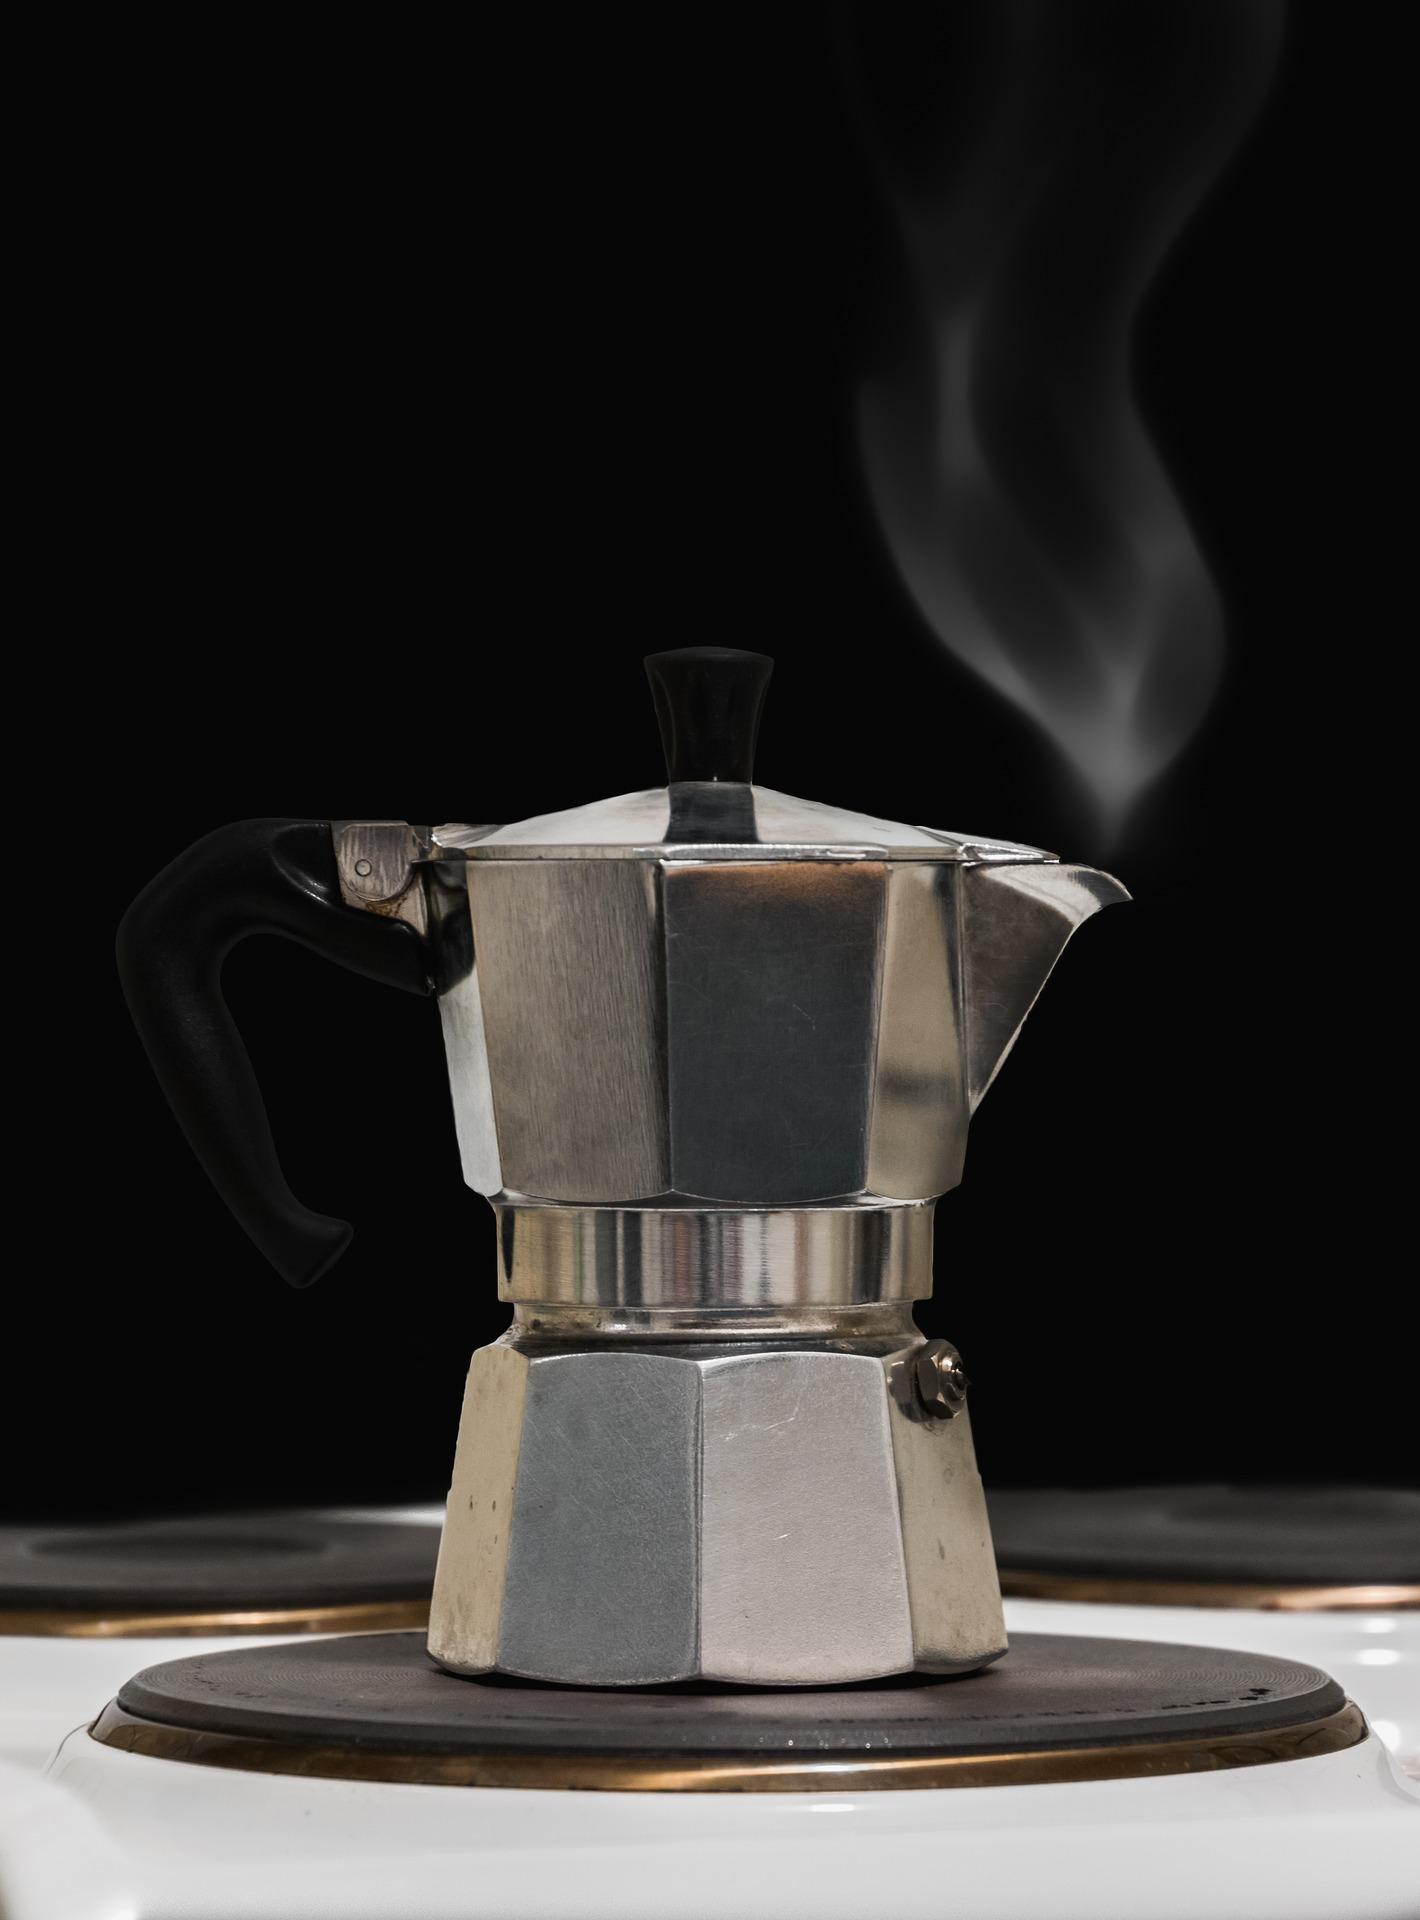 tea-1880856_1920.jpg